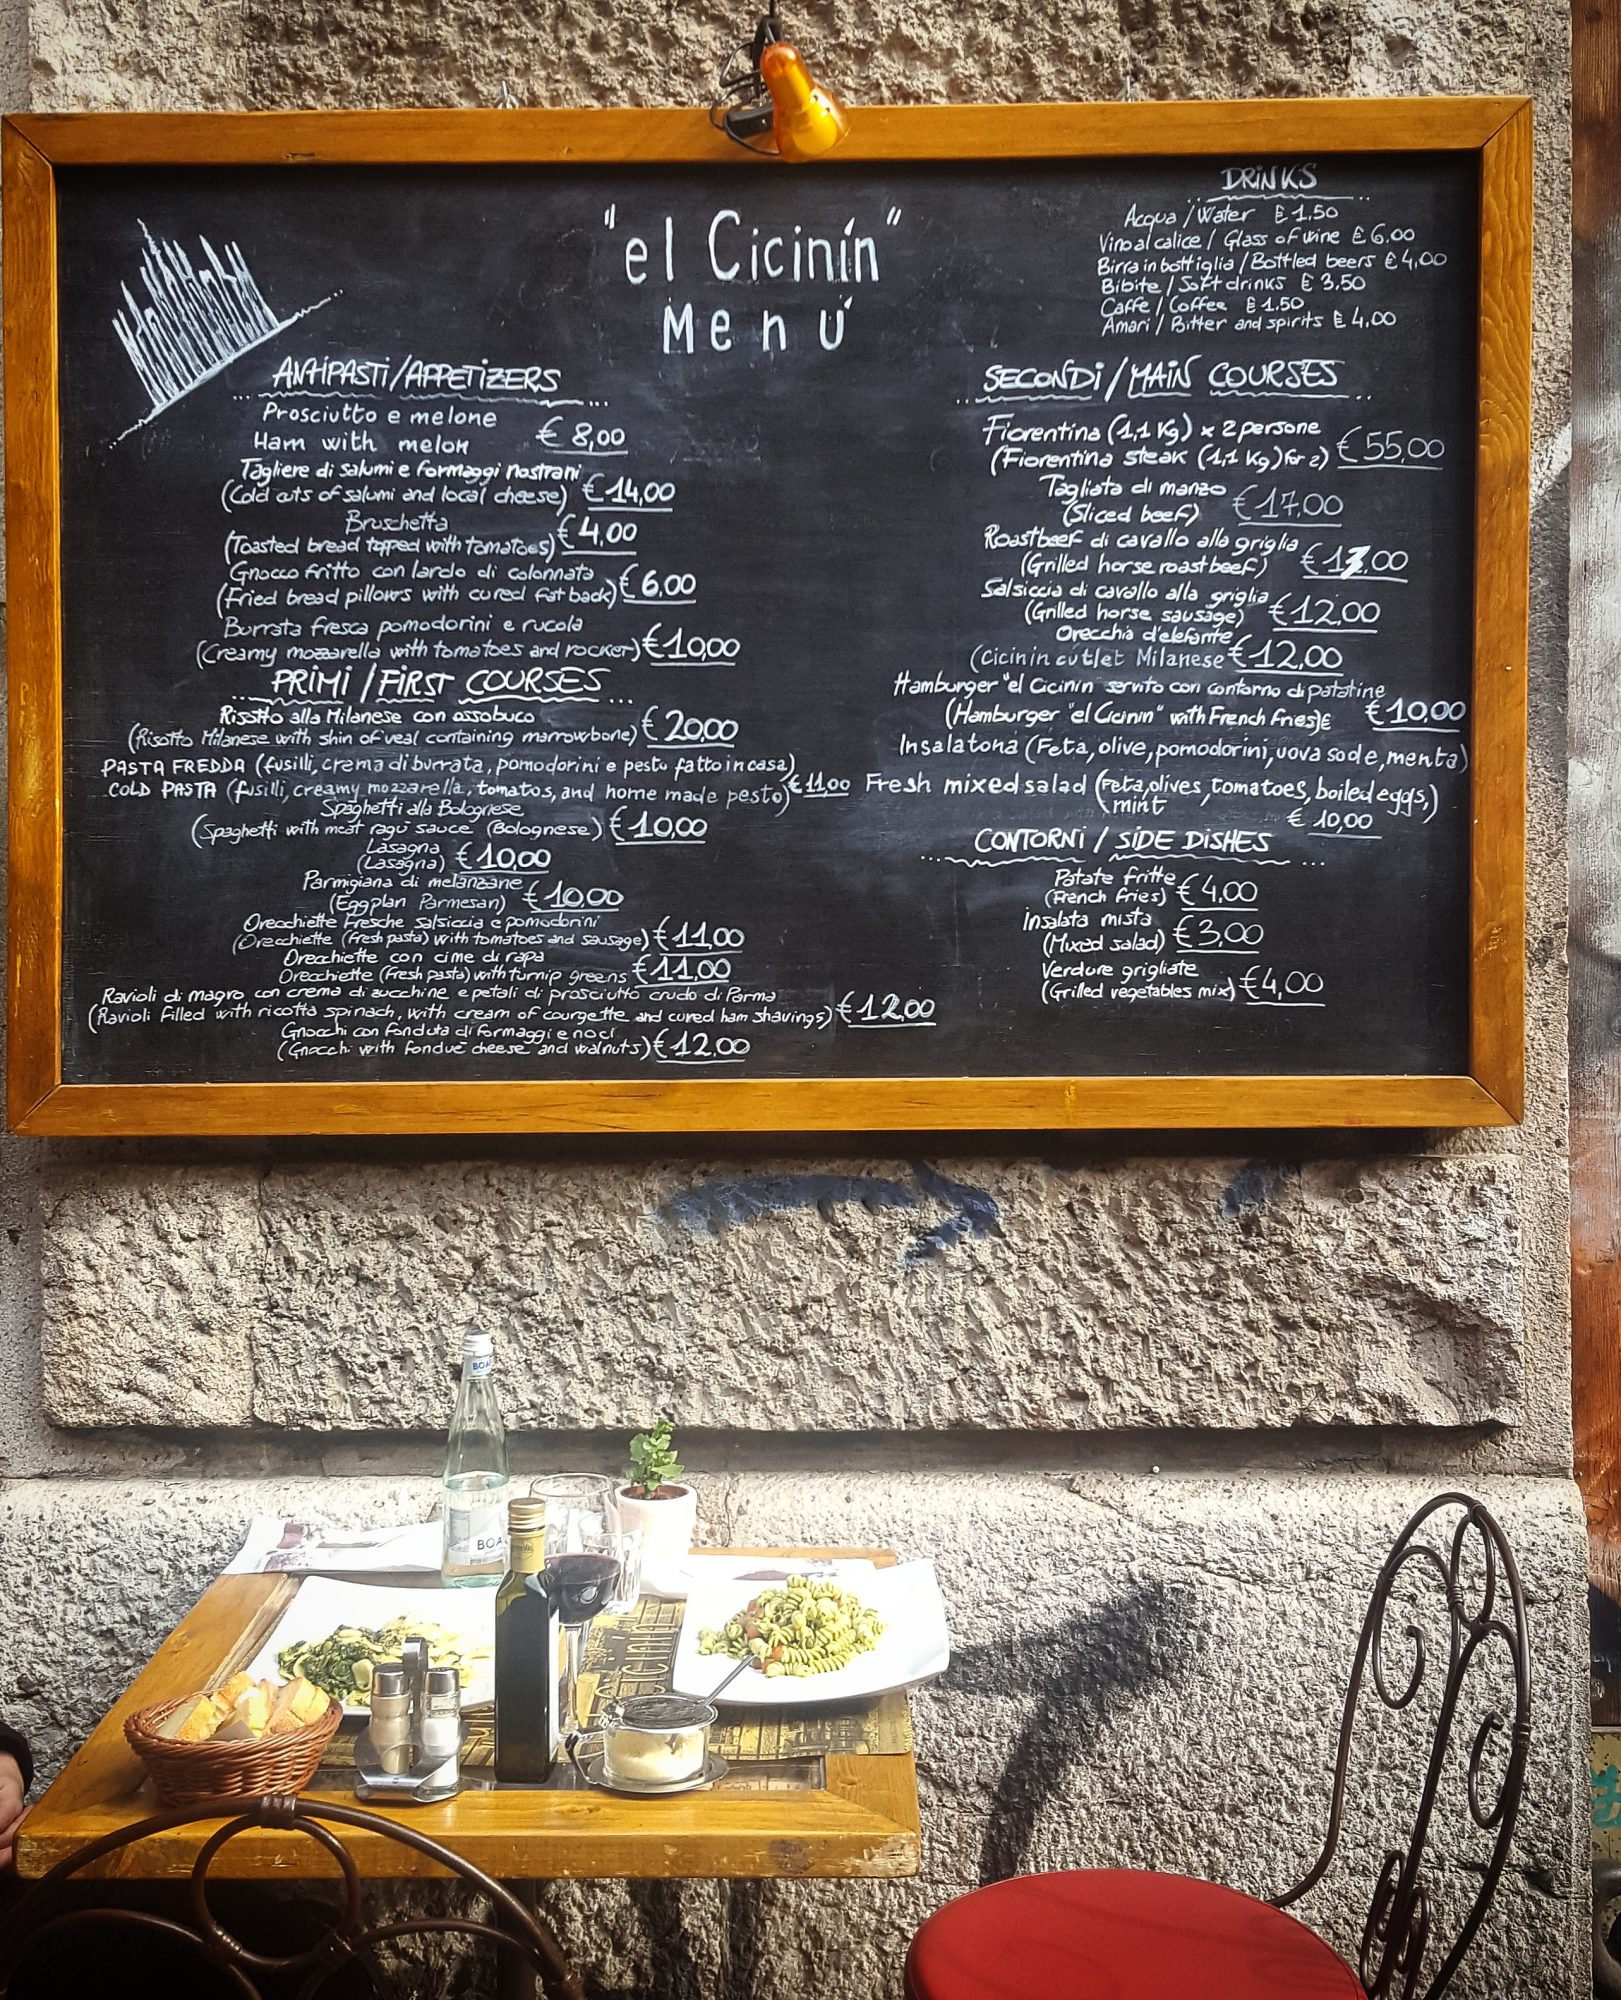 El Cicinin Milano